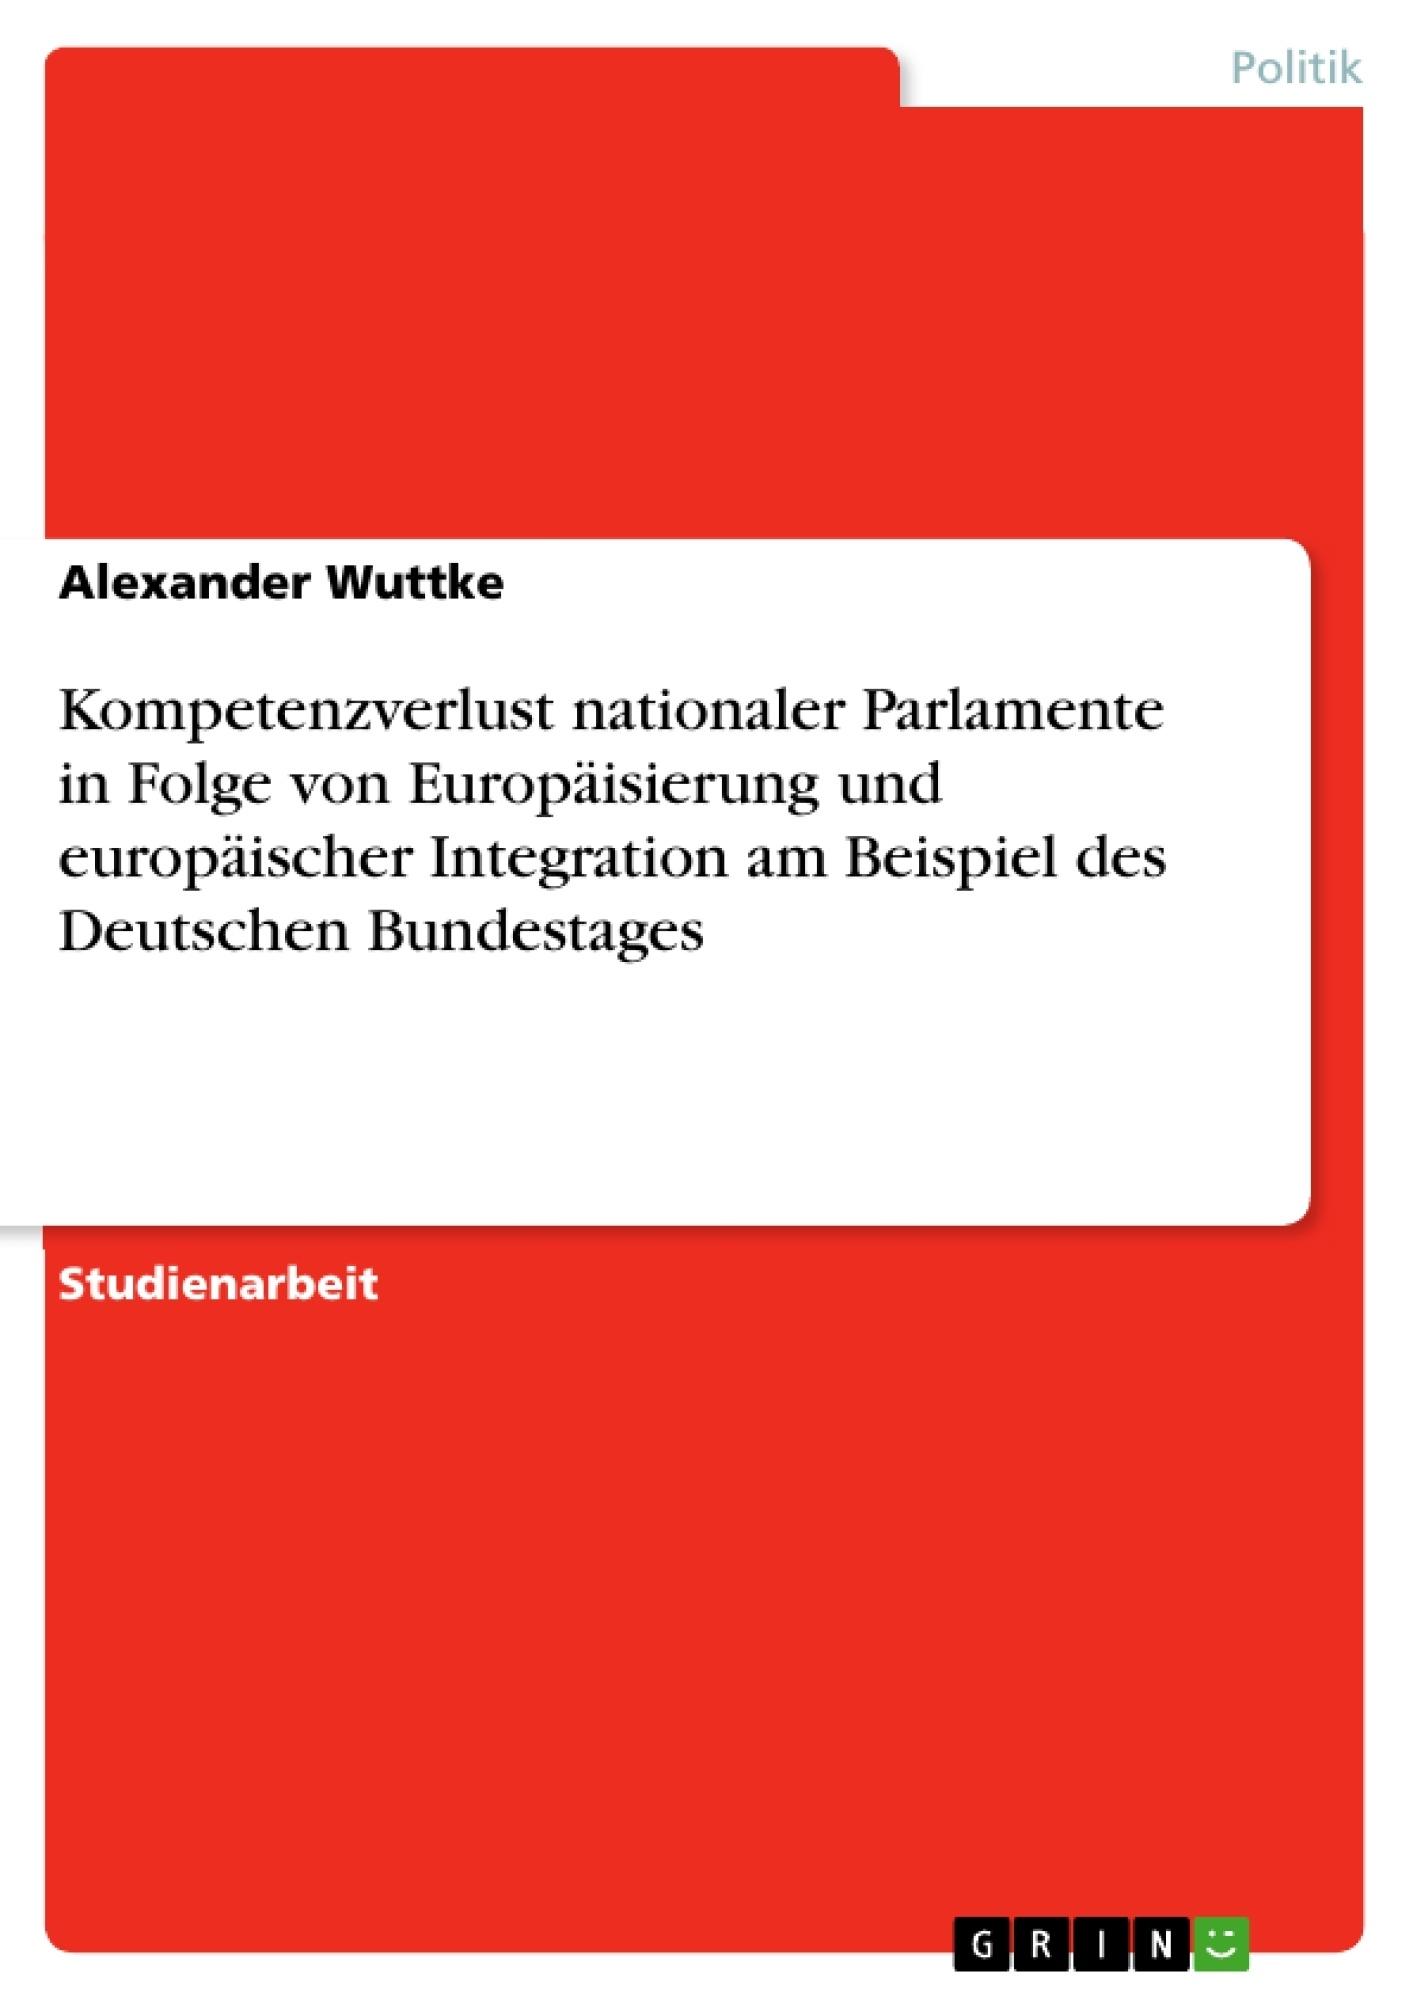 Titel: Kompetenzverlust nationaler Parlamente in Folge von Europäisierung und europäischer Integration am Beispiel des Deutschen Bundestages